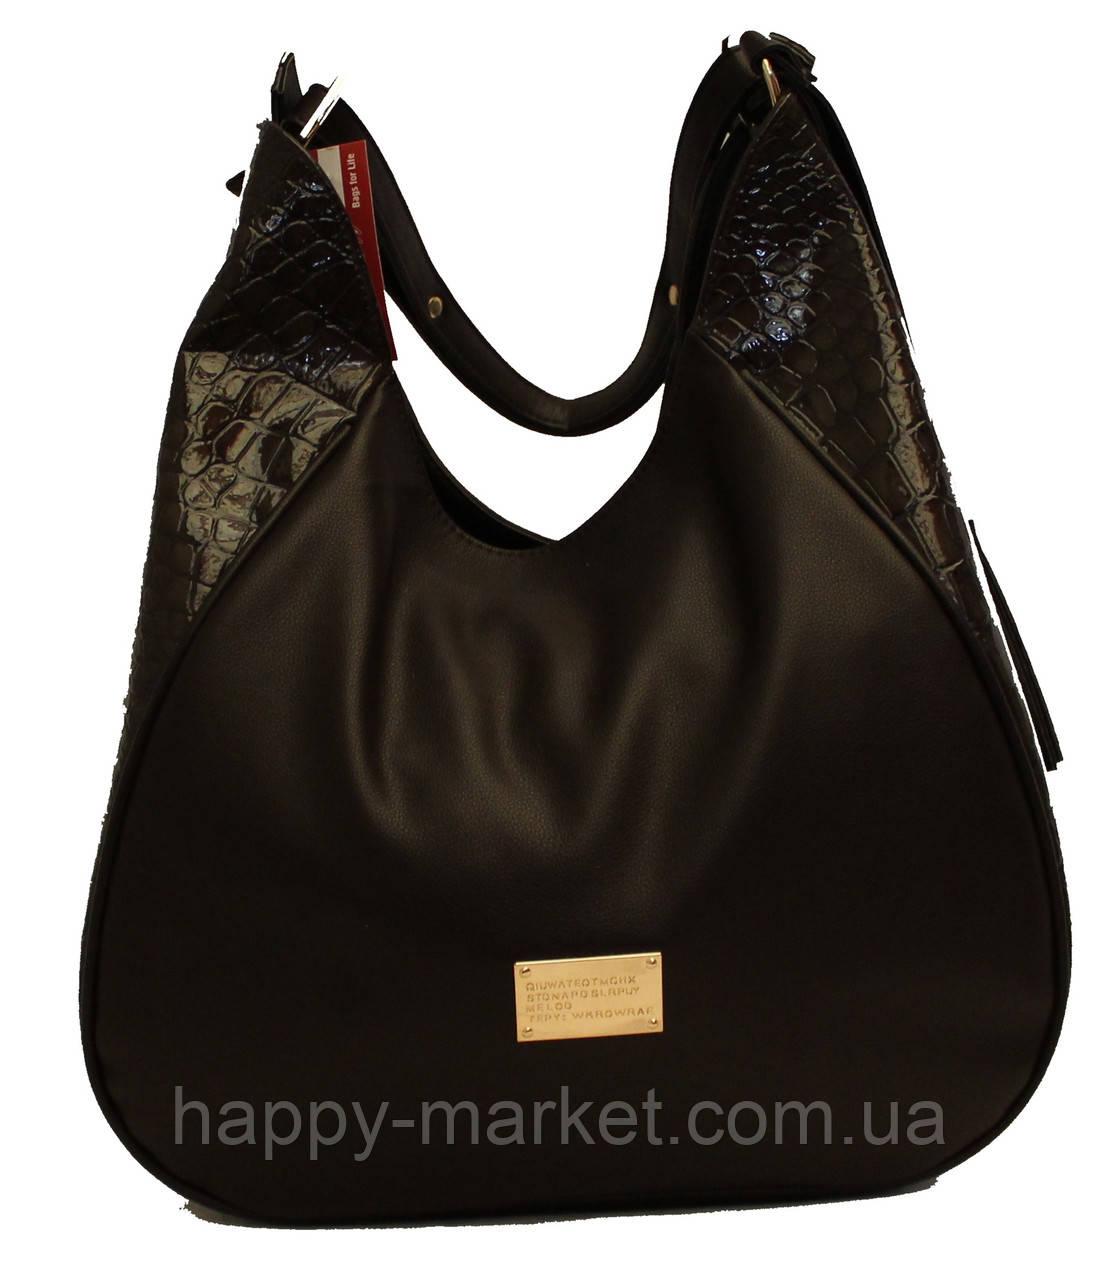 Сумка торба женская Производитель Украина 17-1282-2